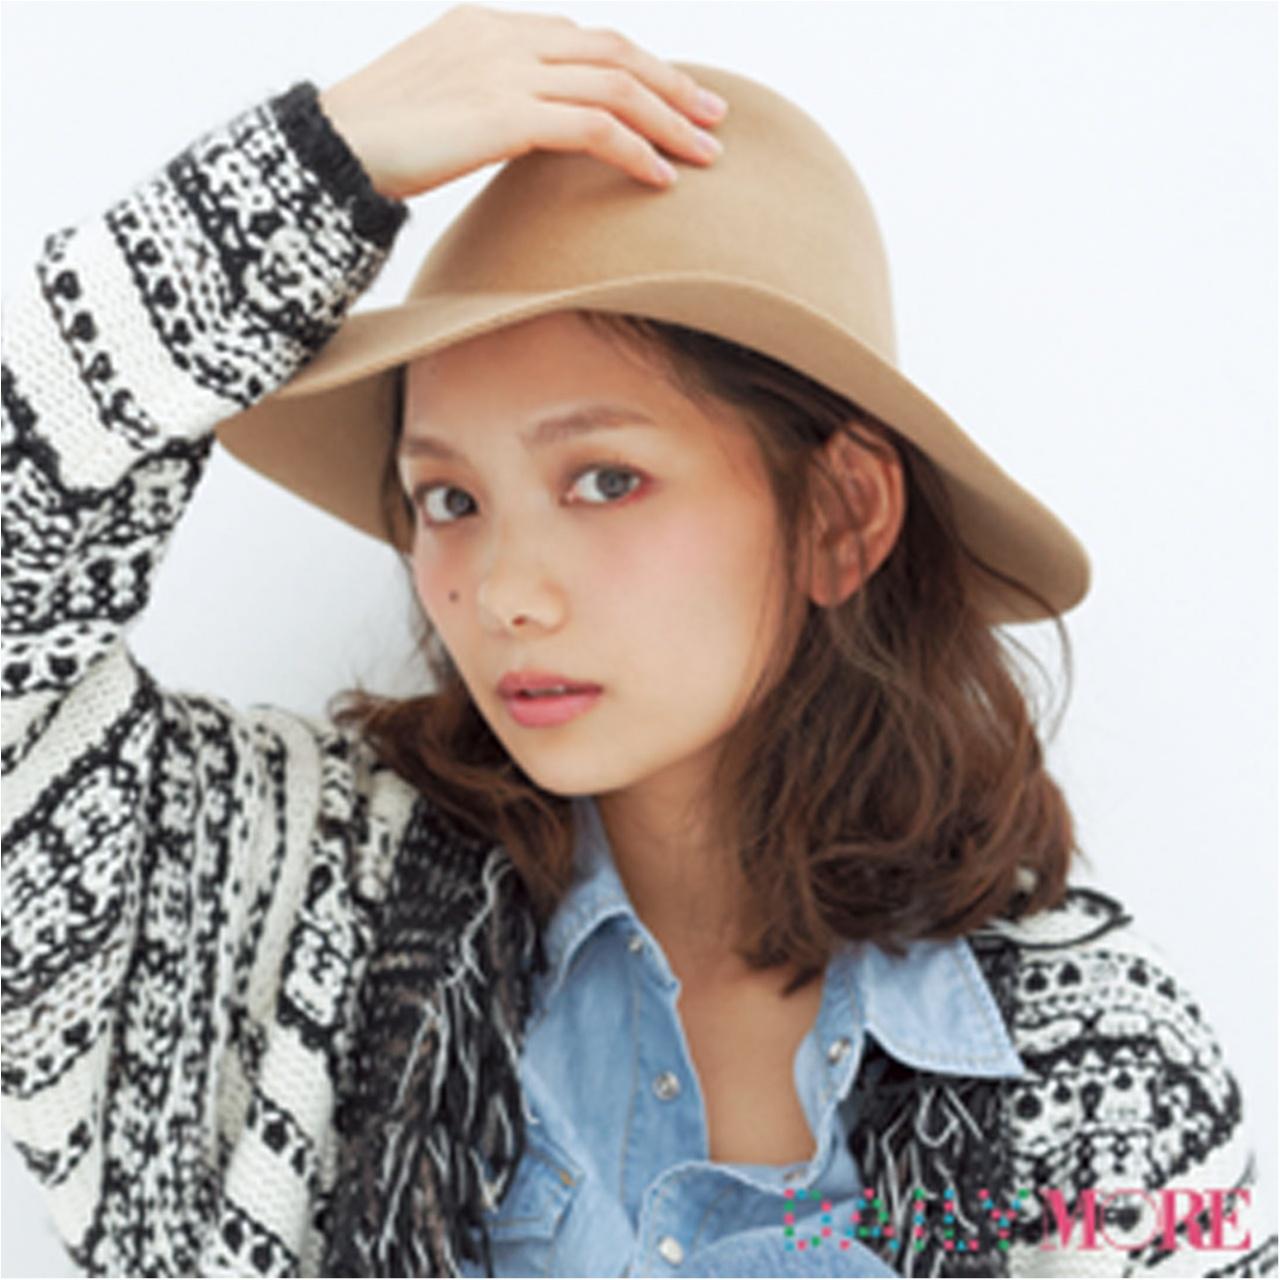 武智志穂ちゃんは、「ボタニッシュエール」で極上スキンケア中!【教えて! モアビューティズの1UP美容♡】_1